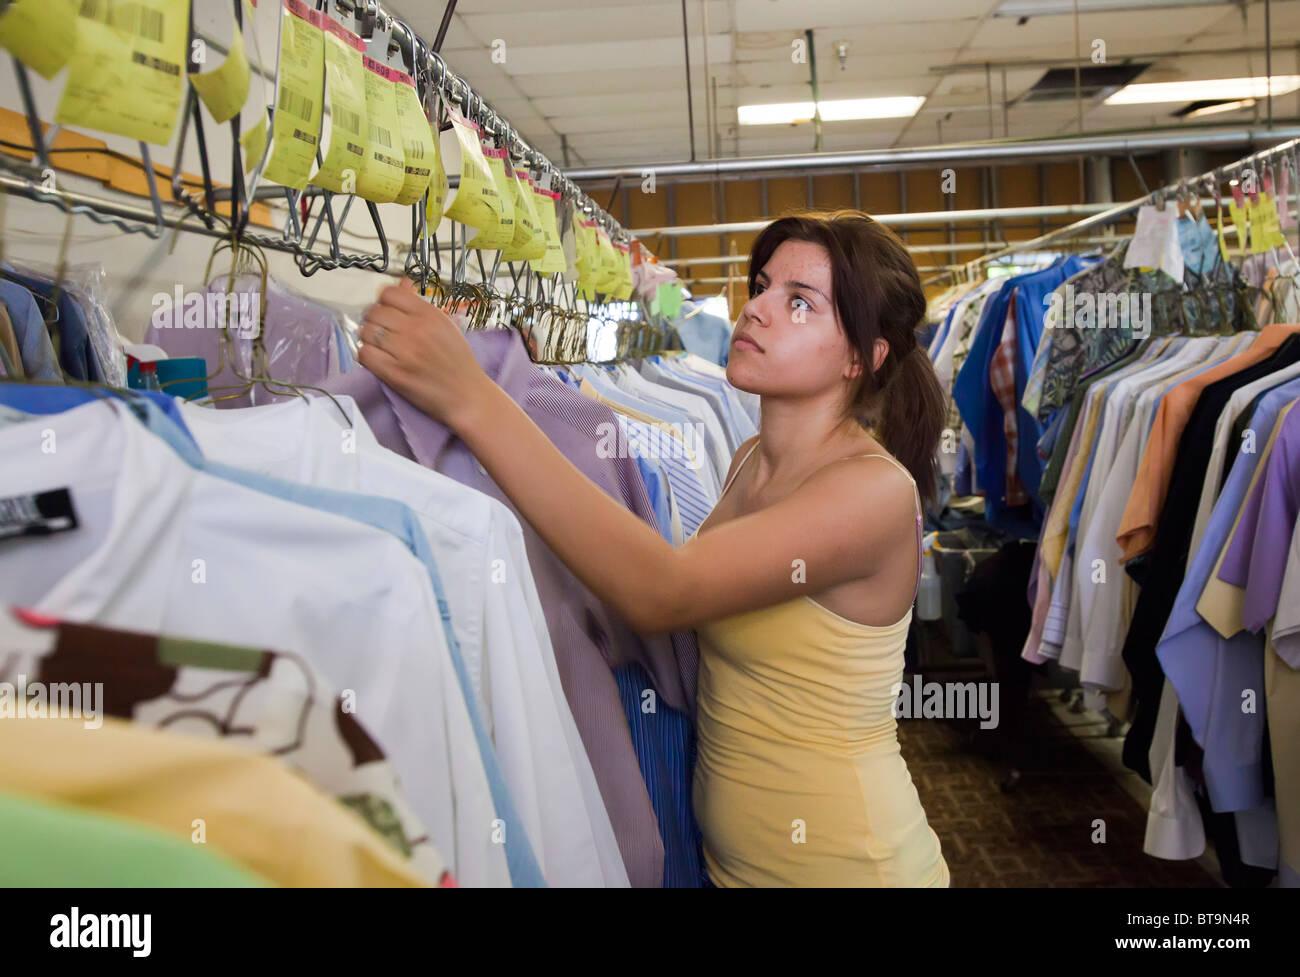 Broomfield, Colorado - Arbeiter drücken und Hemden in einer Wäscherei Shirt hängen. Stockbild